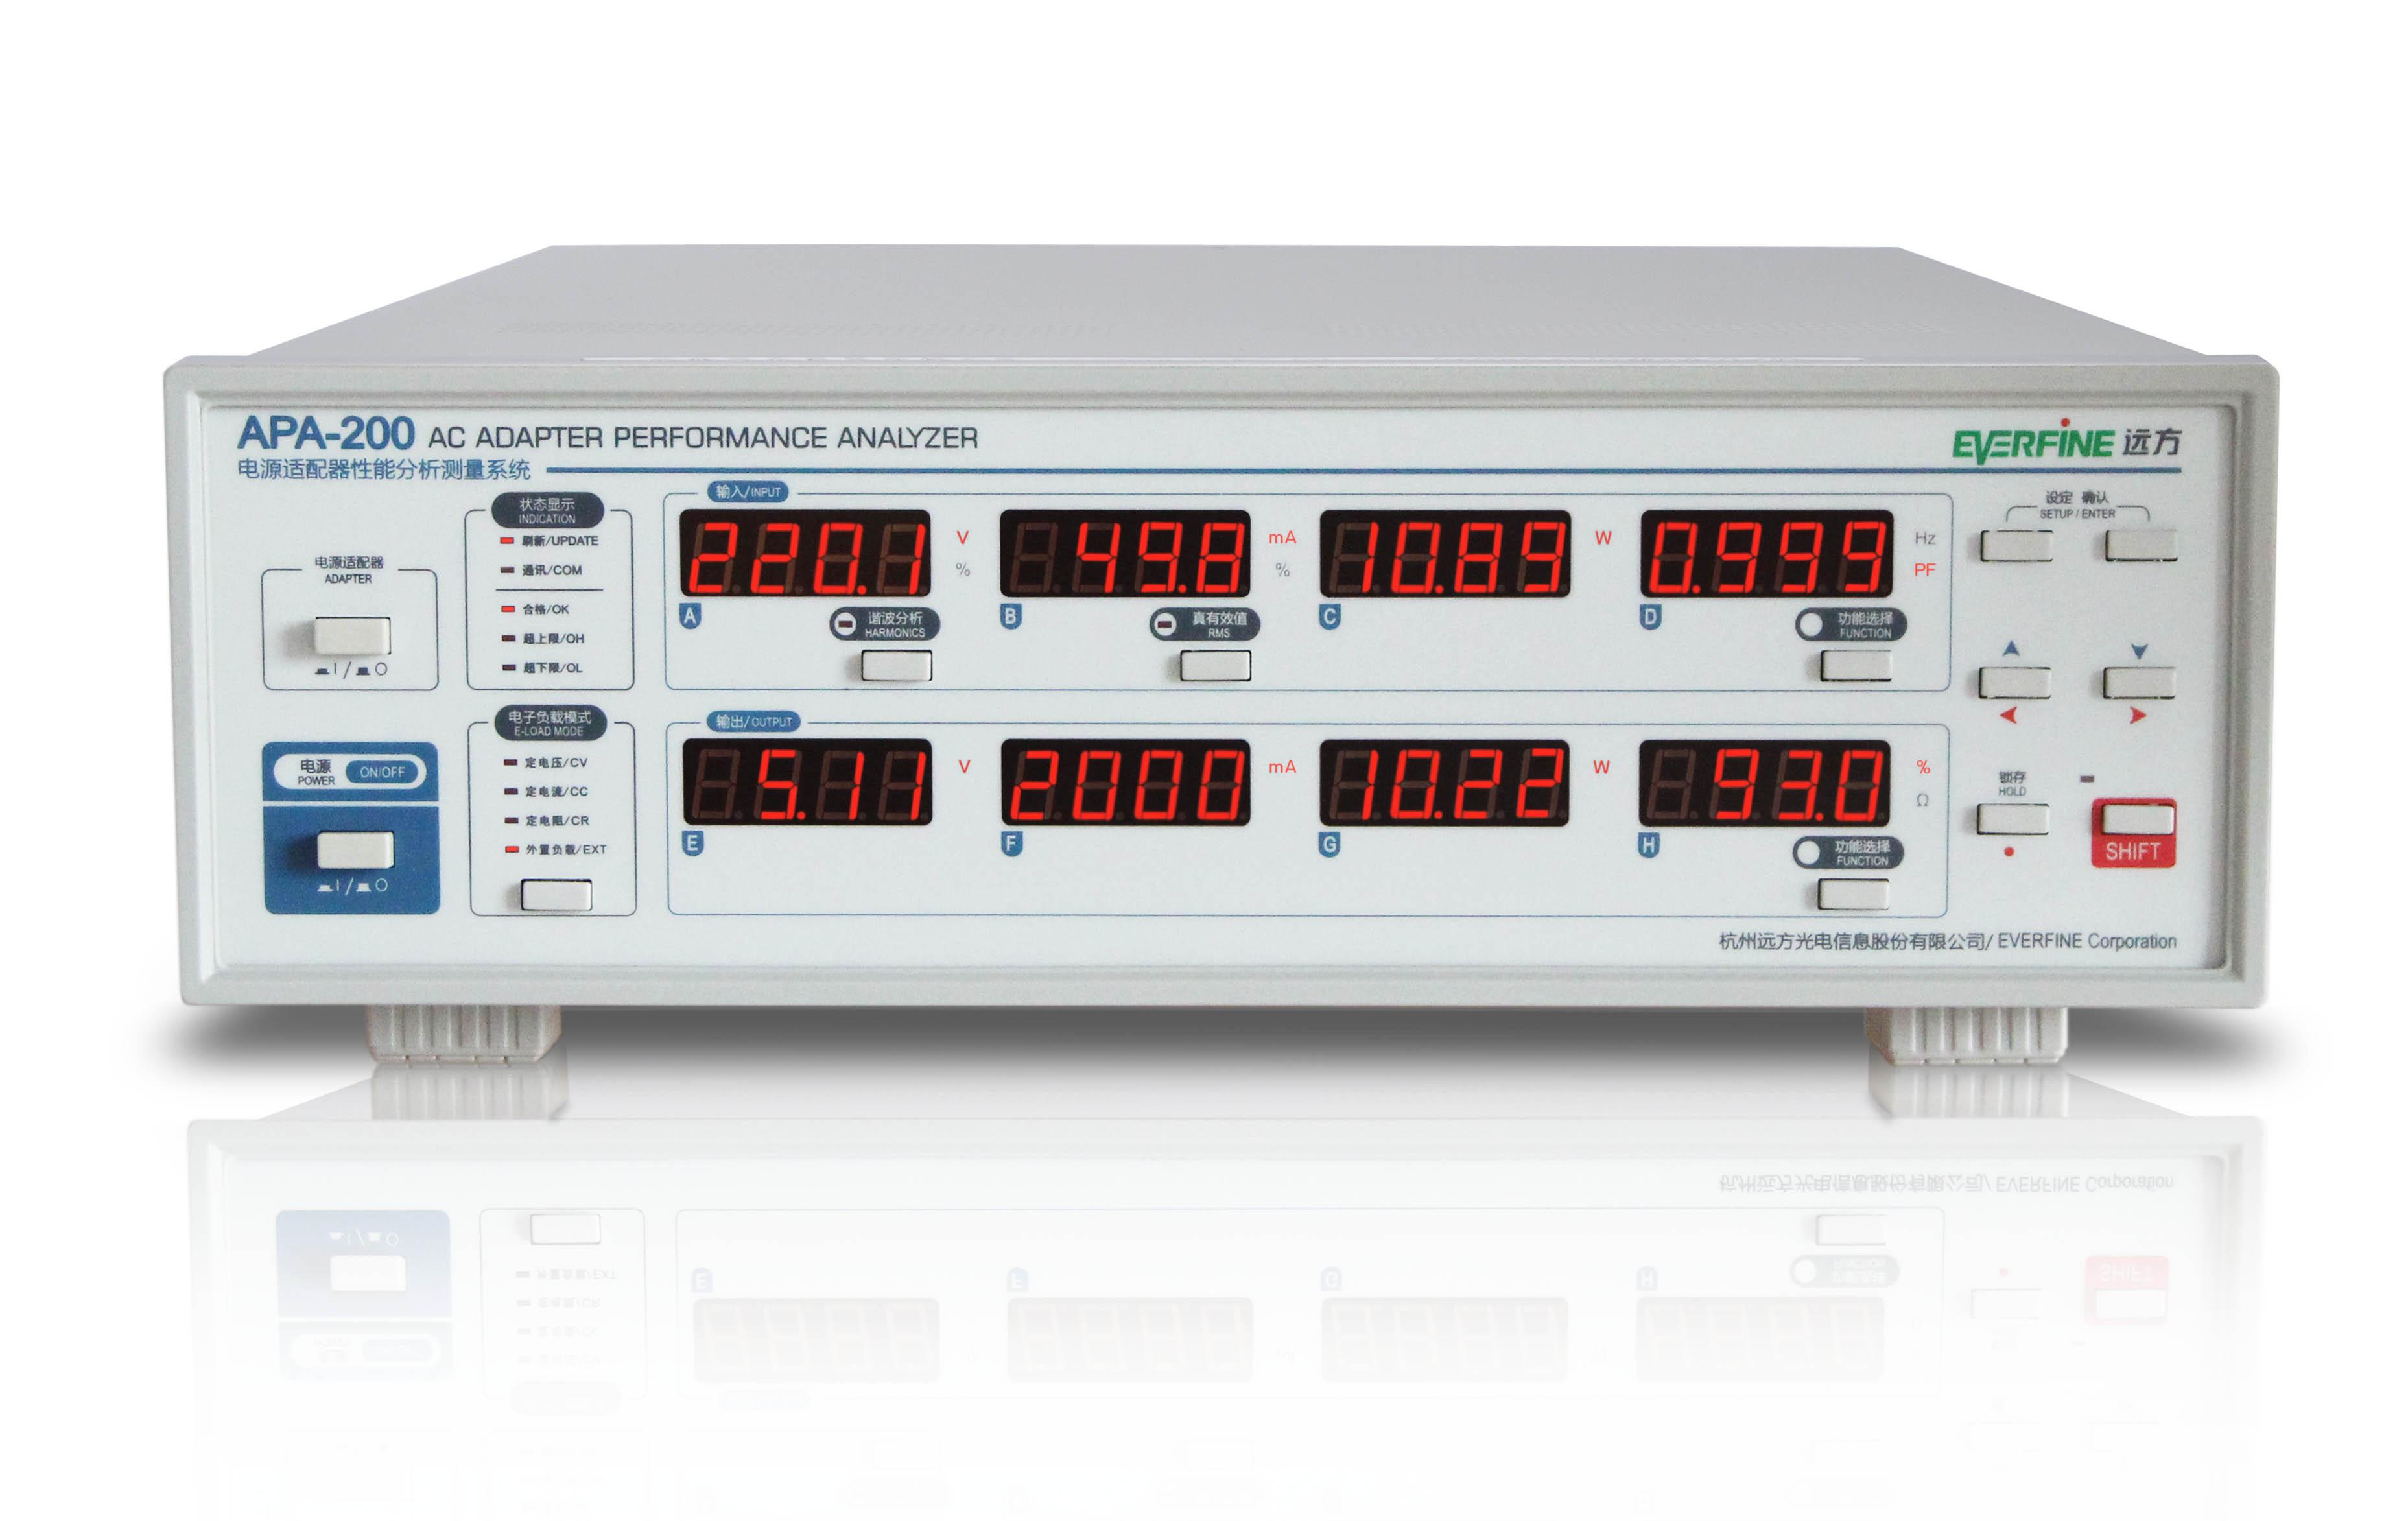 杭州远方电源适配器性能分析系统APA-200